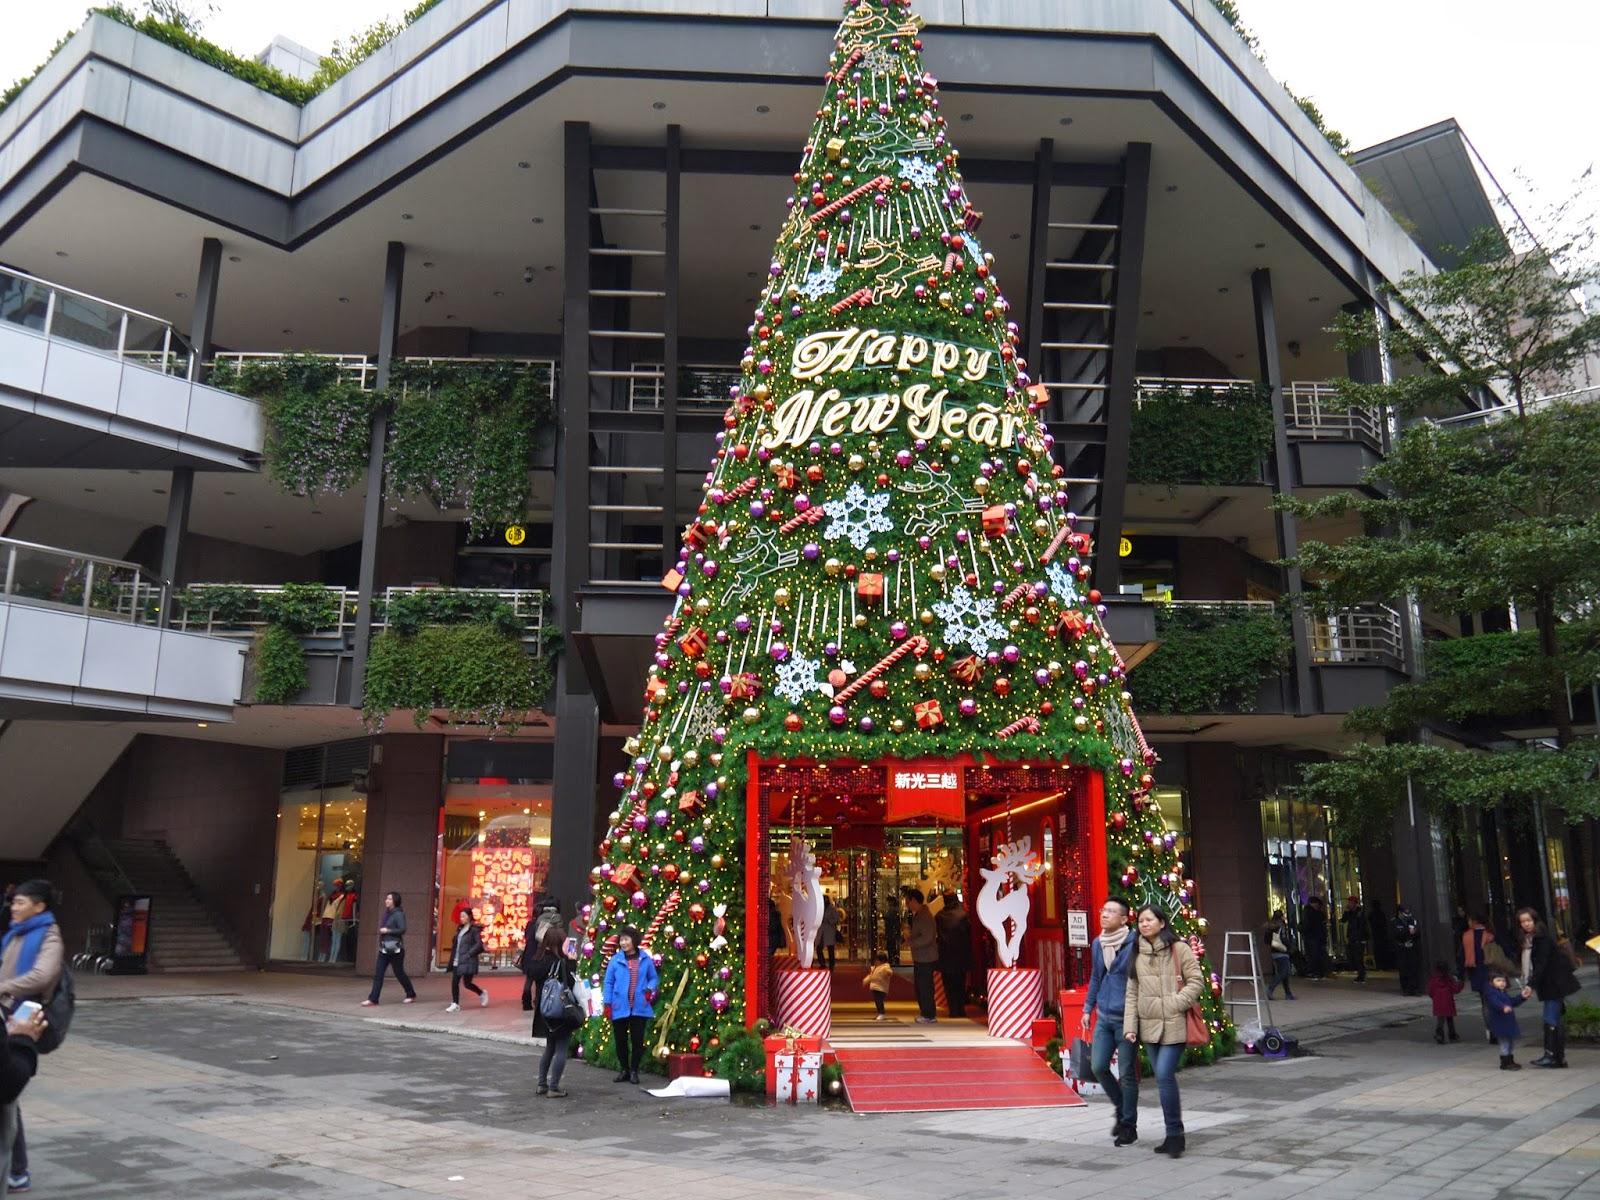 天龍國臺北101街景新年氣氛   真幸福